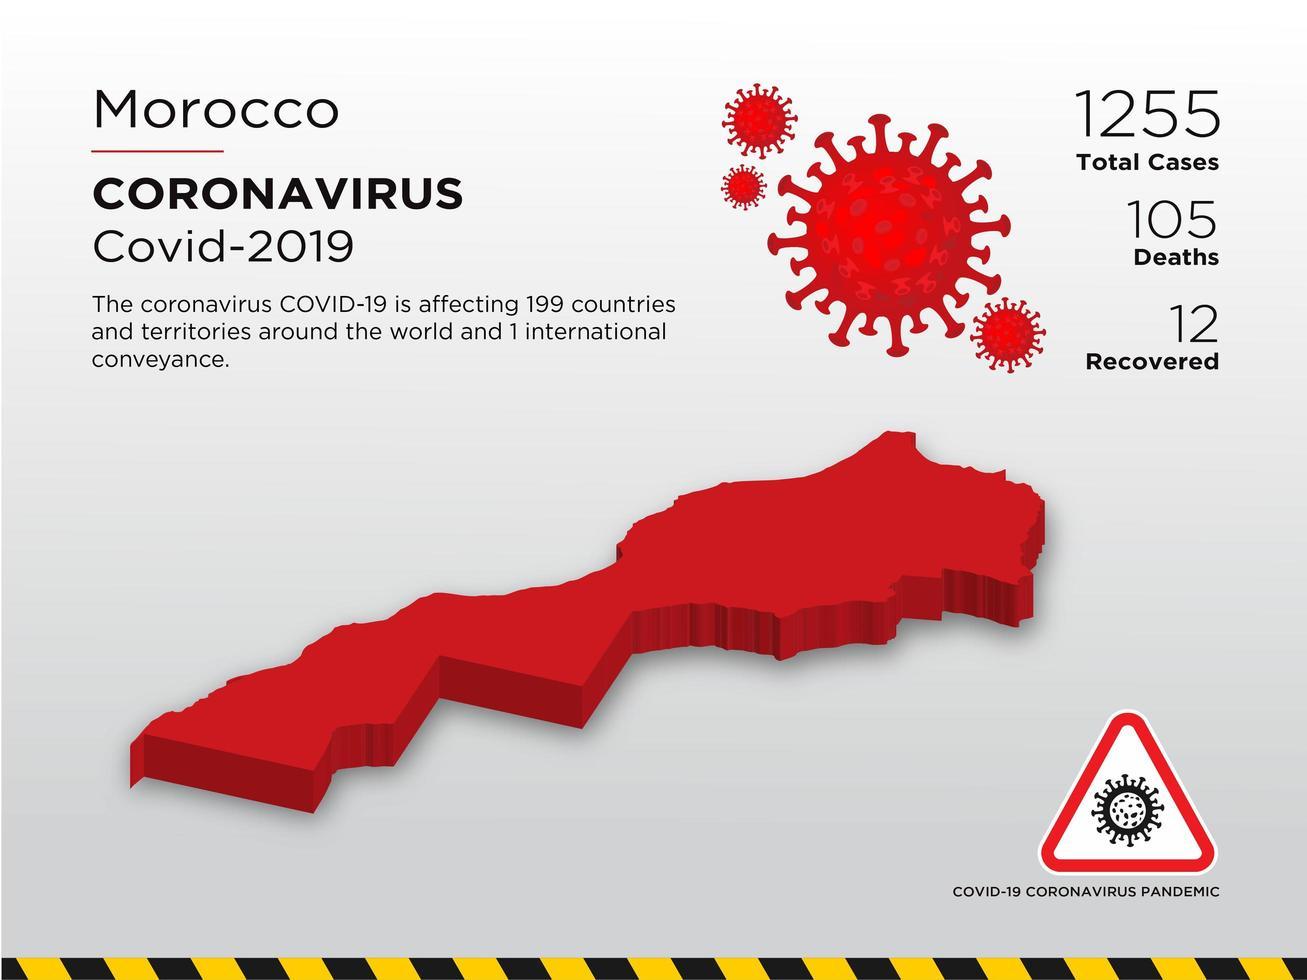 Maroc carte du pays touché par le coronavirus vecteur